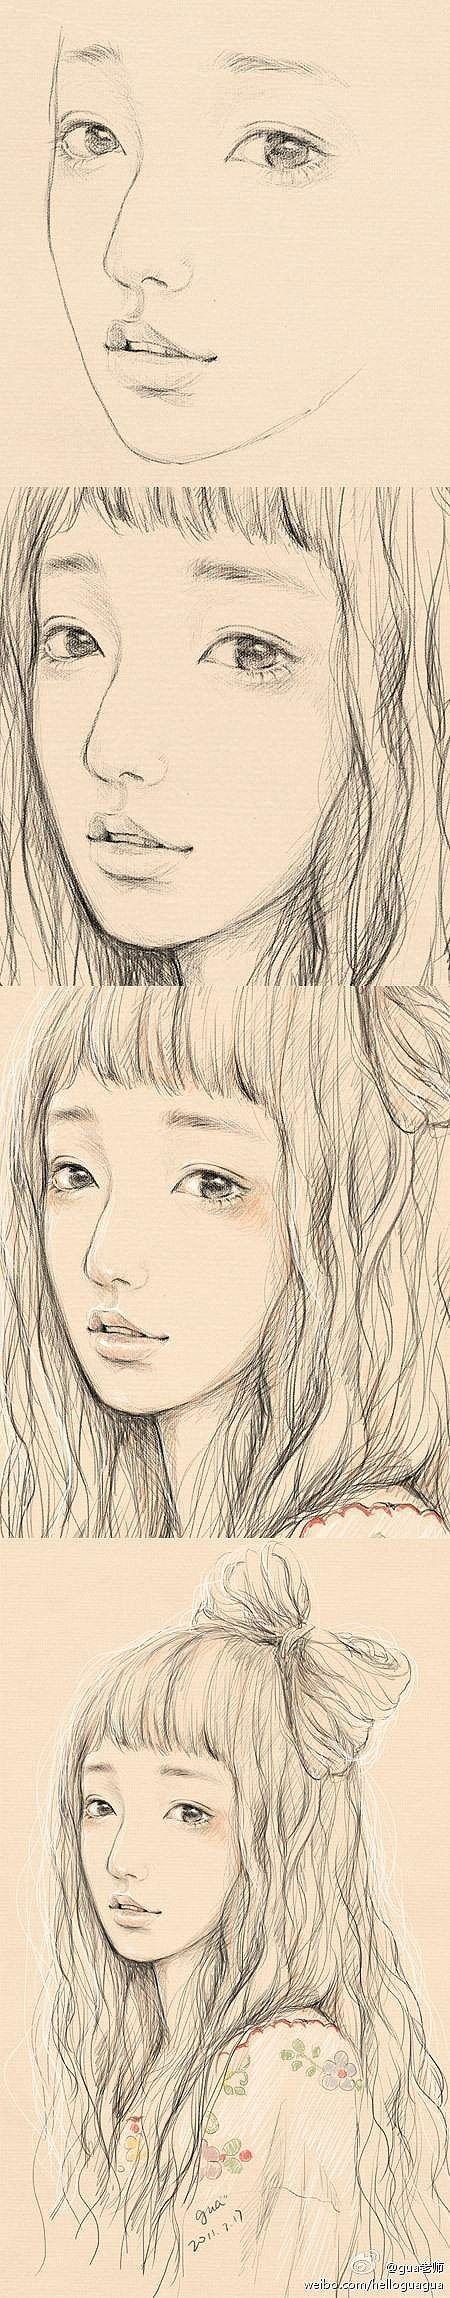 【绘画教程】素描 插图 教程 植物/花卉 风光/摄影 插画/手绘 *-**-*、很美的MM。。。&br&